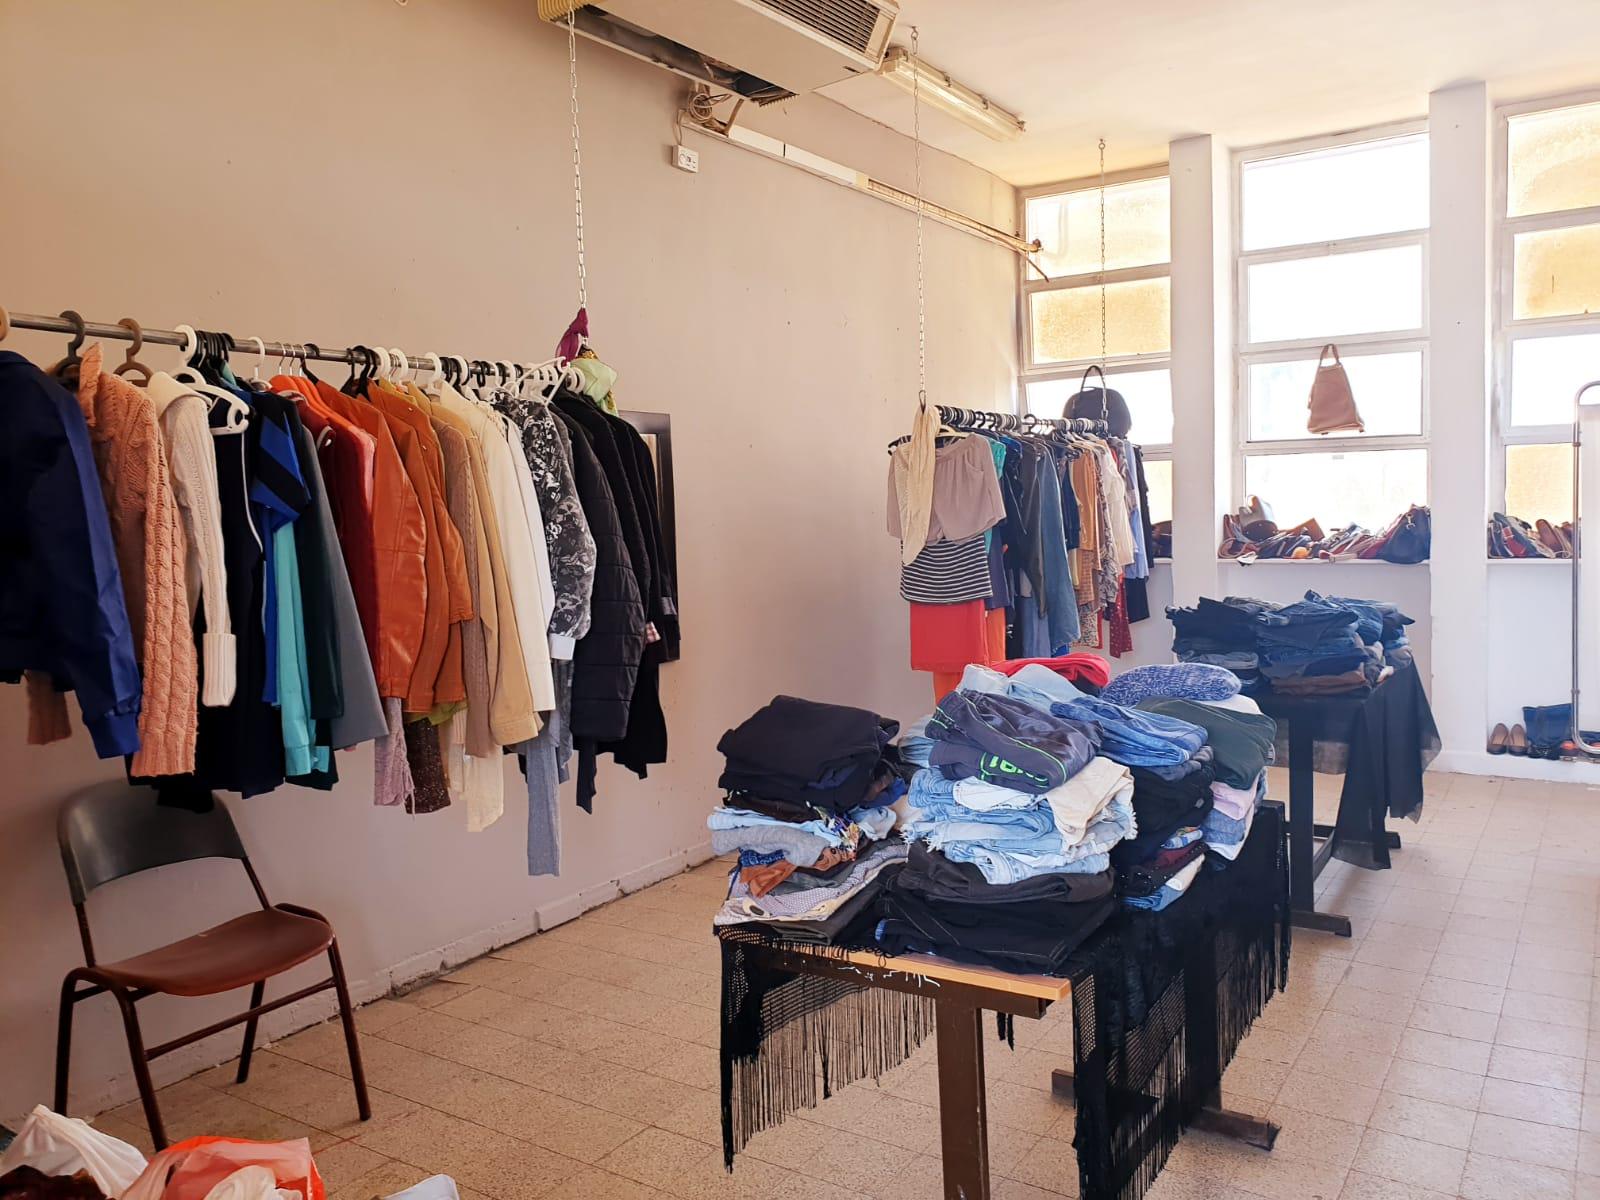 חנות יד שנייה. צילום: עיריית רחובות